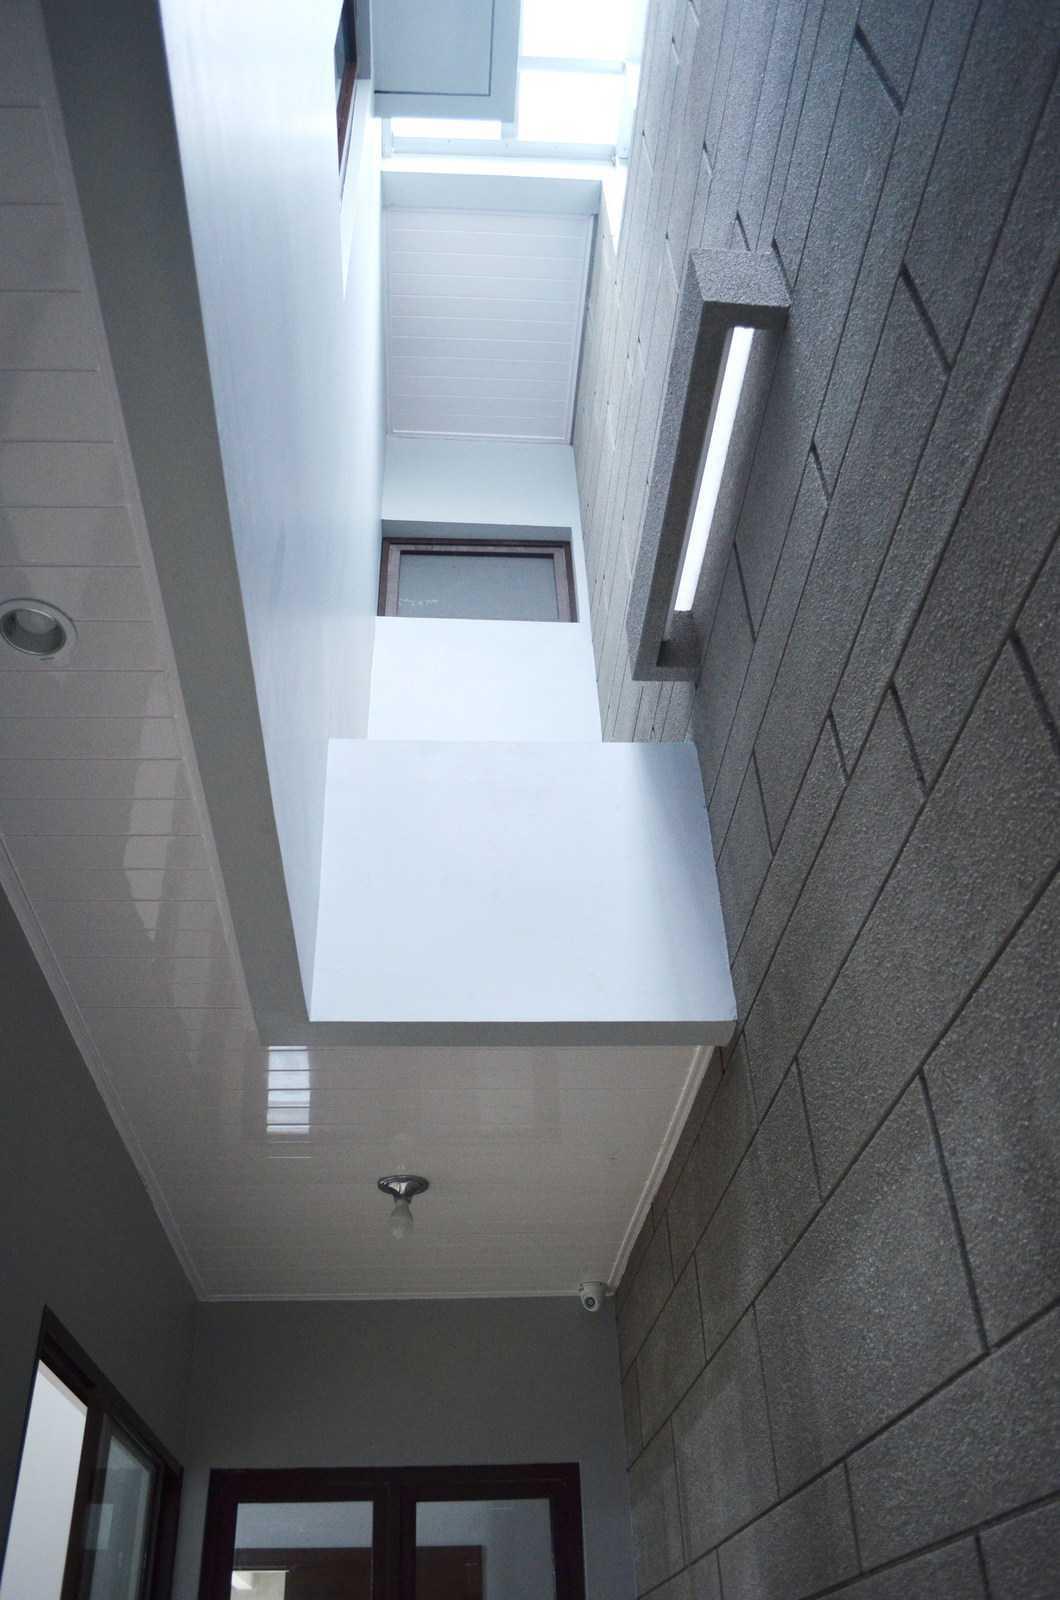 X3M Architects Nittaya A3 15 House Bsd Bsd Interior   25310